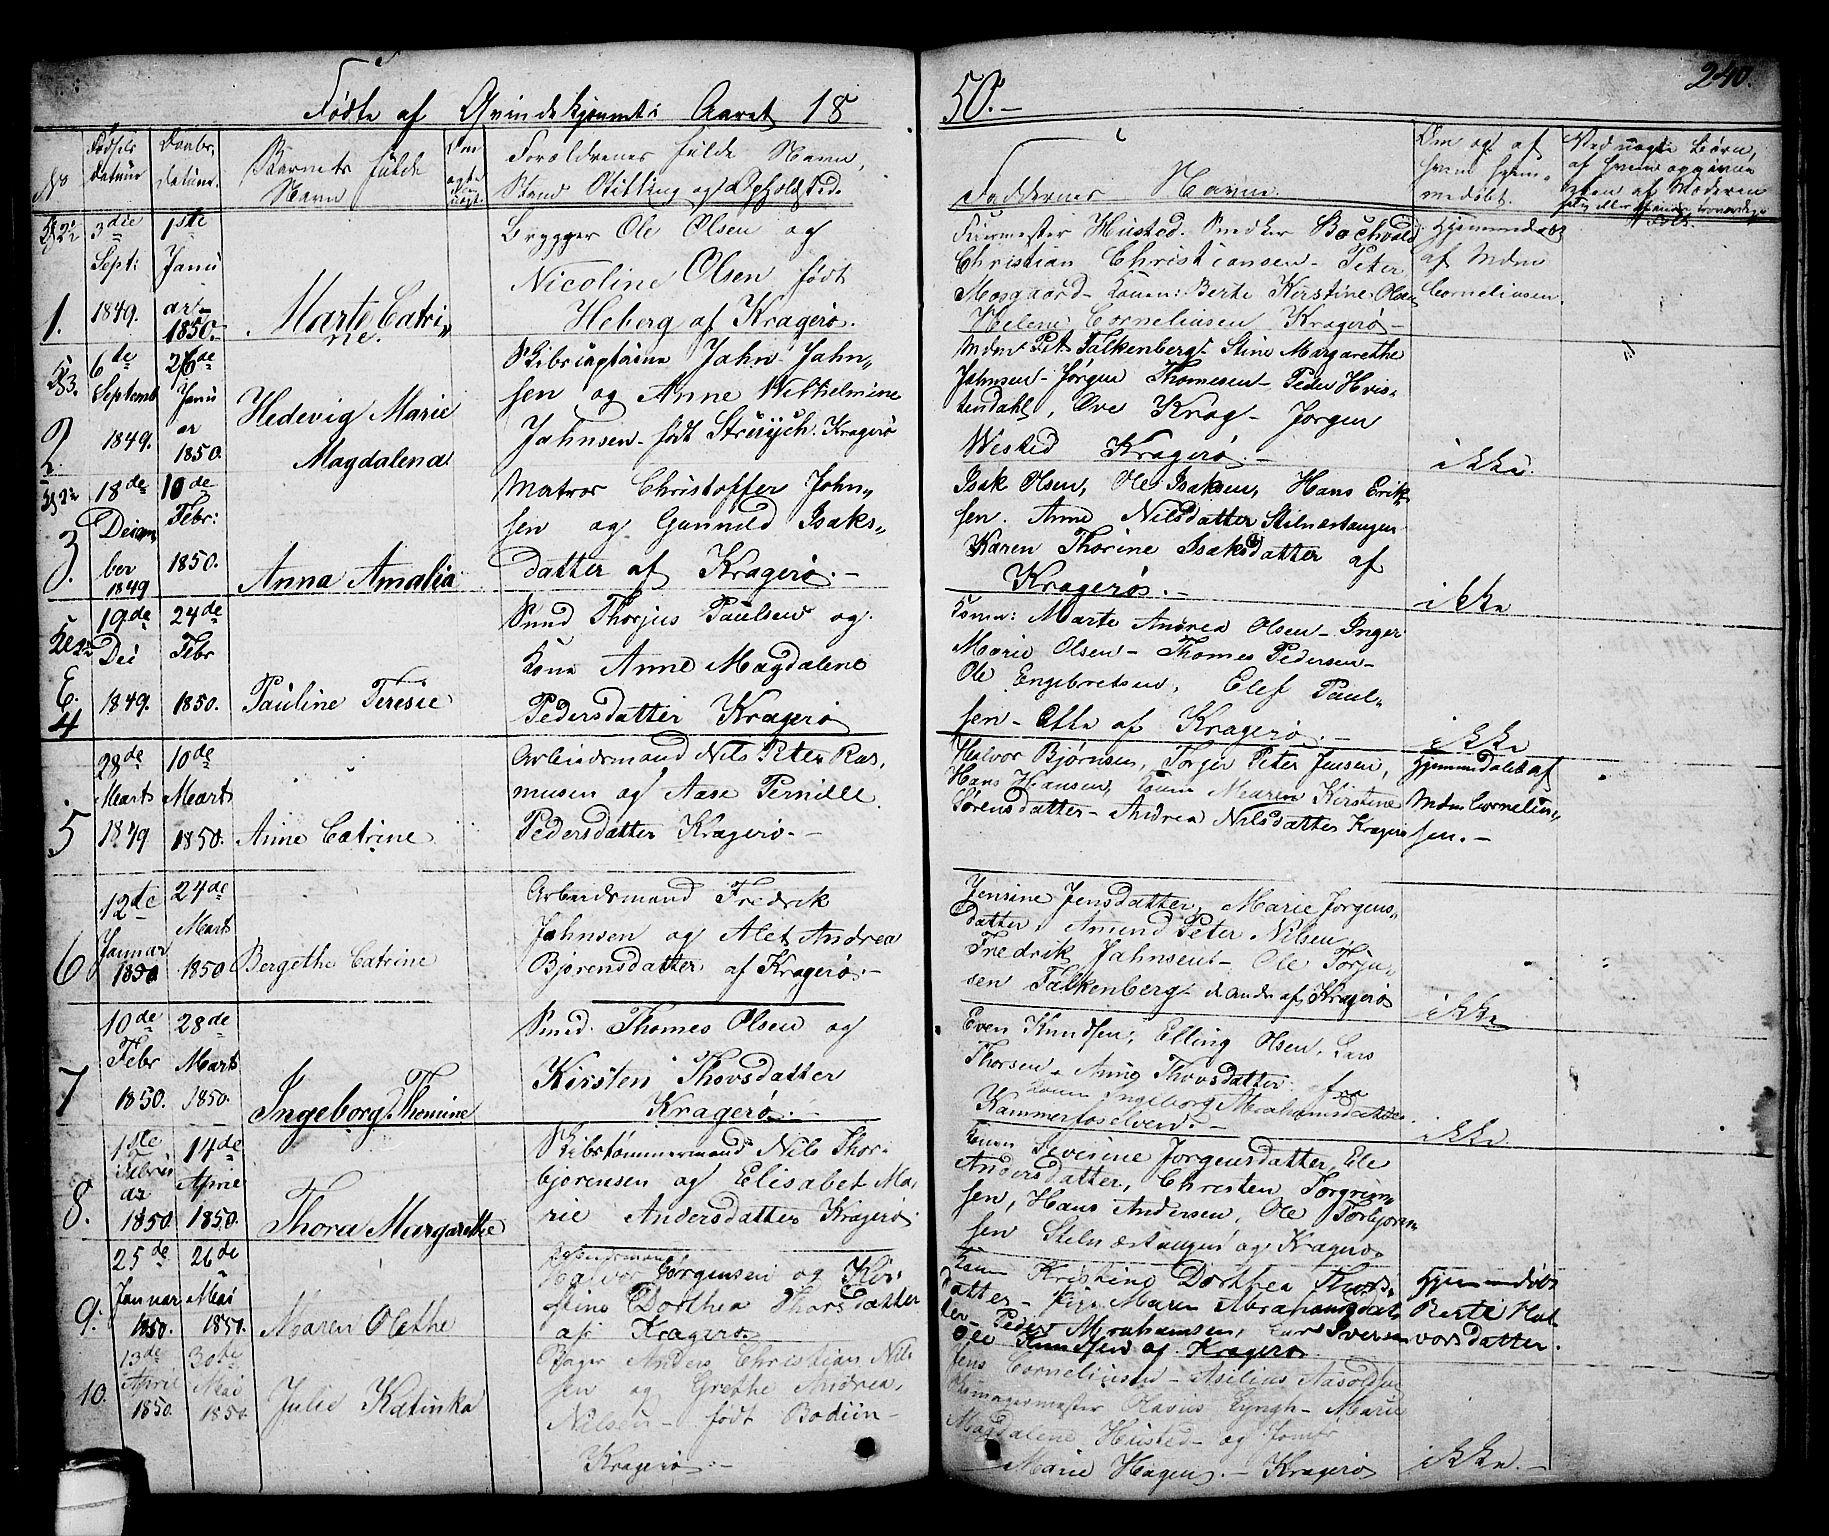 SAKO, Kragerø kirkebøker, G/Ga/L0003: Klokkerbok nr. 3, 1832-1852, s. 240